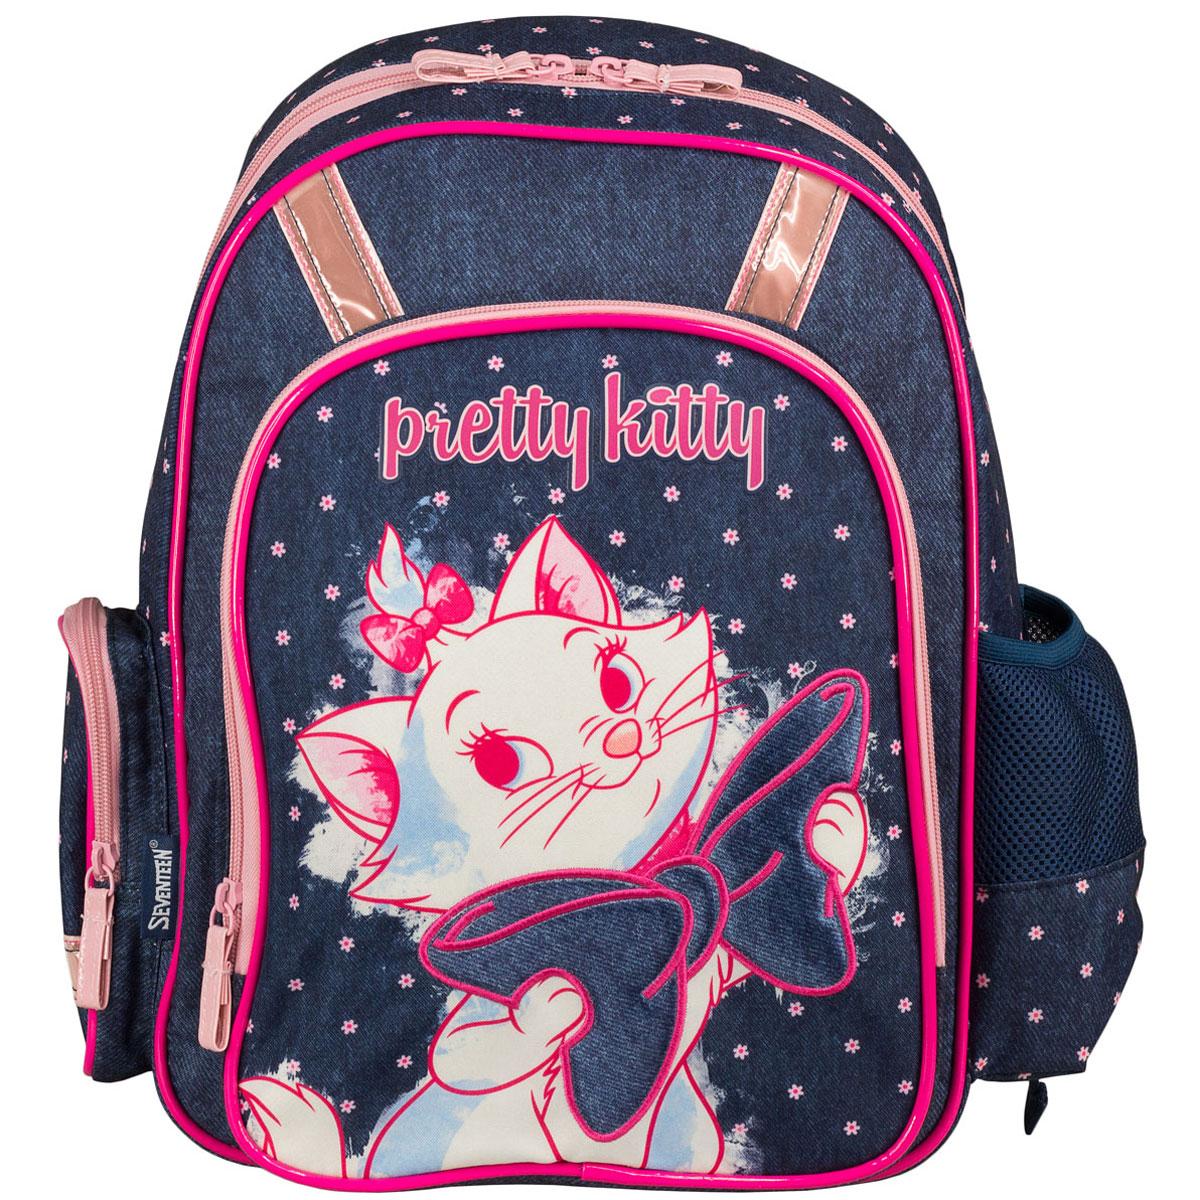 Рюкзак школьный Marie Cat, цвет: темно-синий, розовый. MCCB-UT1-836MCCB-UT1-836Стильный школьный рюкзак Marie Cat обязательно понравится вашей школьнице. Выполнен из прочных и высококачественных материалов, дополнен изображением милой кошечки с бантиком.Содержит одно вместительное отделение, закрывающееся на застежку-молнию с двумя бегунками. Внутри отделения находятся две перегородки для тетрадей или учебников, а также открытый карман-сетка. Дно рюкзака можно сделатьжестким, разложив специальную панель с пластиковой вставкой, что повышает сохранность содержимого рюкзака и способствует правильному распределению нагрузки. Лицевая сторона оснащена накладным карманом на молнии. По бокам расположены два накладных кармана: на застежке-молнии и открытый, стянутый сверху резинкой. Специально разработанная архитектура спинки со стабилизирующими набивными элементами повторяет естественный изгиб позвоночника. Набивные элементы обеспечивают вентиляцию спины ребенка. Плечевые лямки анатомической формы равномерно распределяют нагрузку на плечевую и воротниковую зоны. Конструкция пряжки лямок позволяет отрегулировать рюкзак по фигуре. Рюкзак оснащен эргономичной ручкой для удобной переноски в руке. Светоотражающие элементы обеспечивают безопасность в темное время суток.Многофункциональный школьный рюкзак станет незаменимым спутником вашего ребенка в походах за знаниями.Вес рюкзака без наполнения: 700 г.Рекомендуемый возраст: от 7 лет.